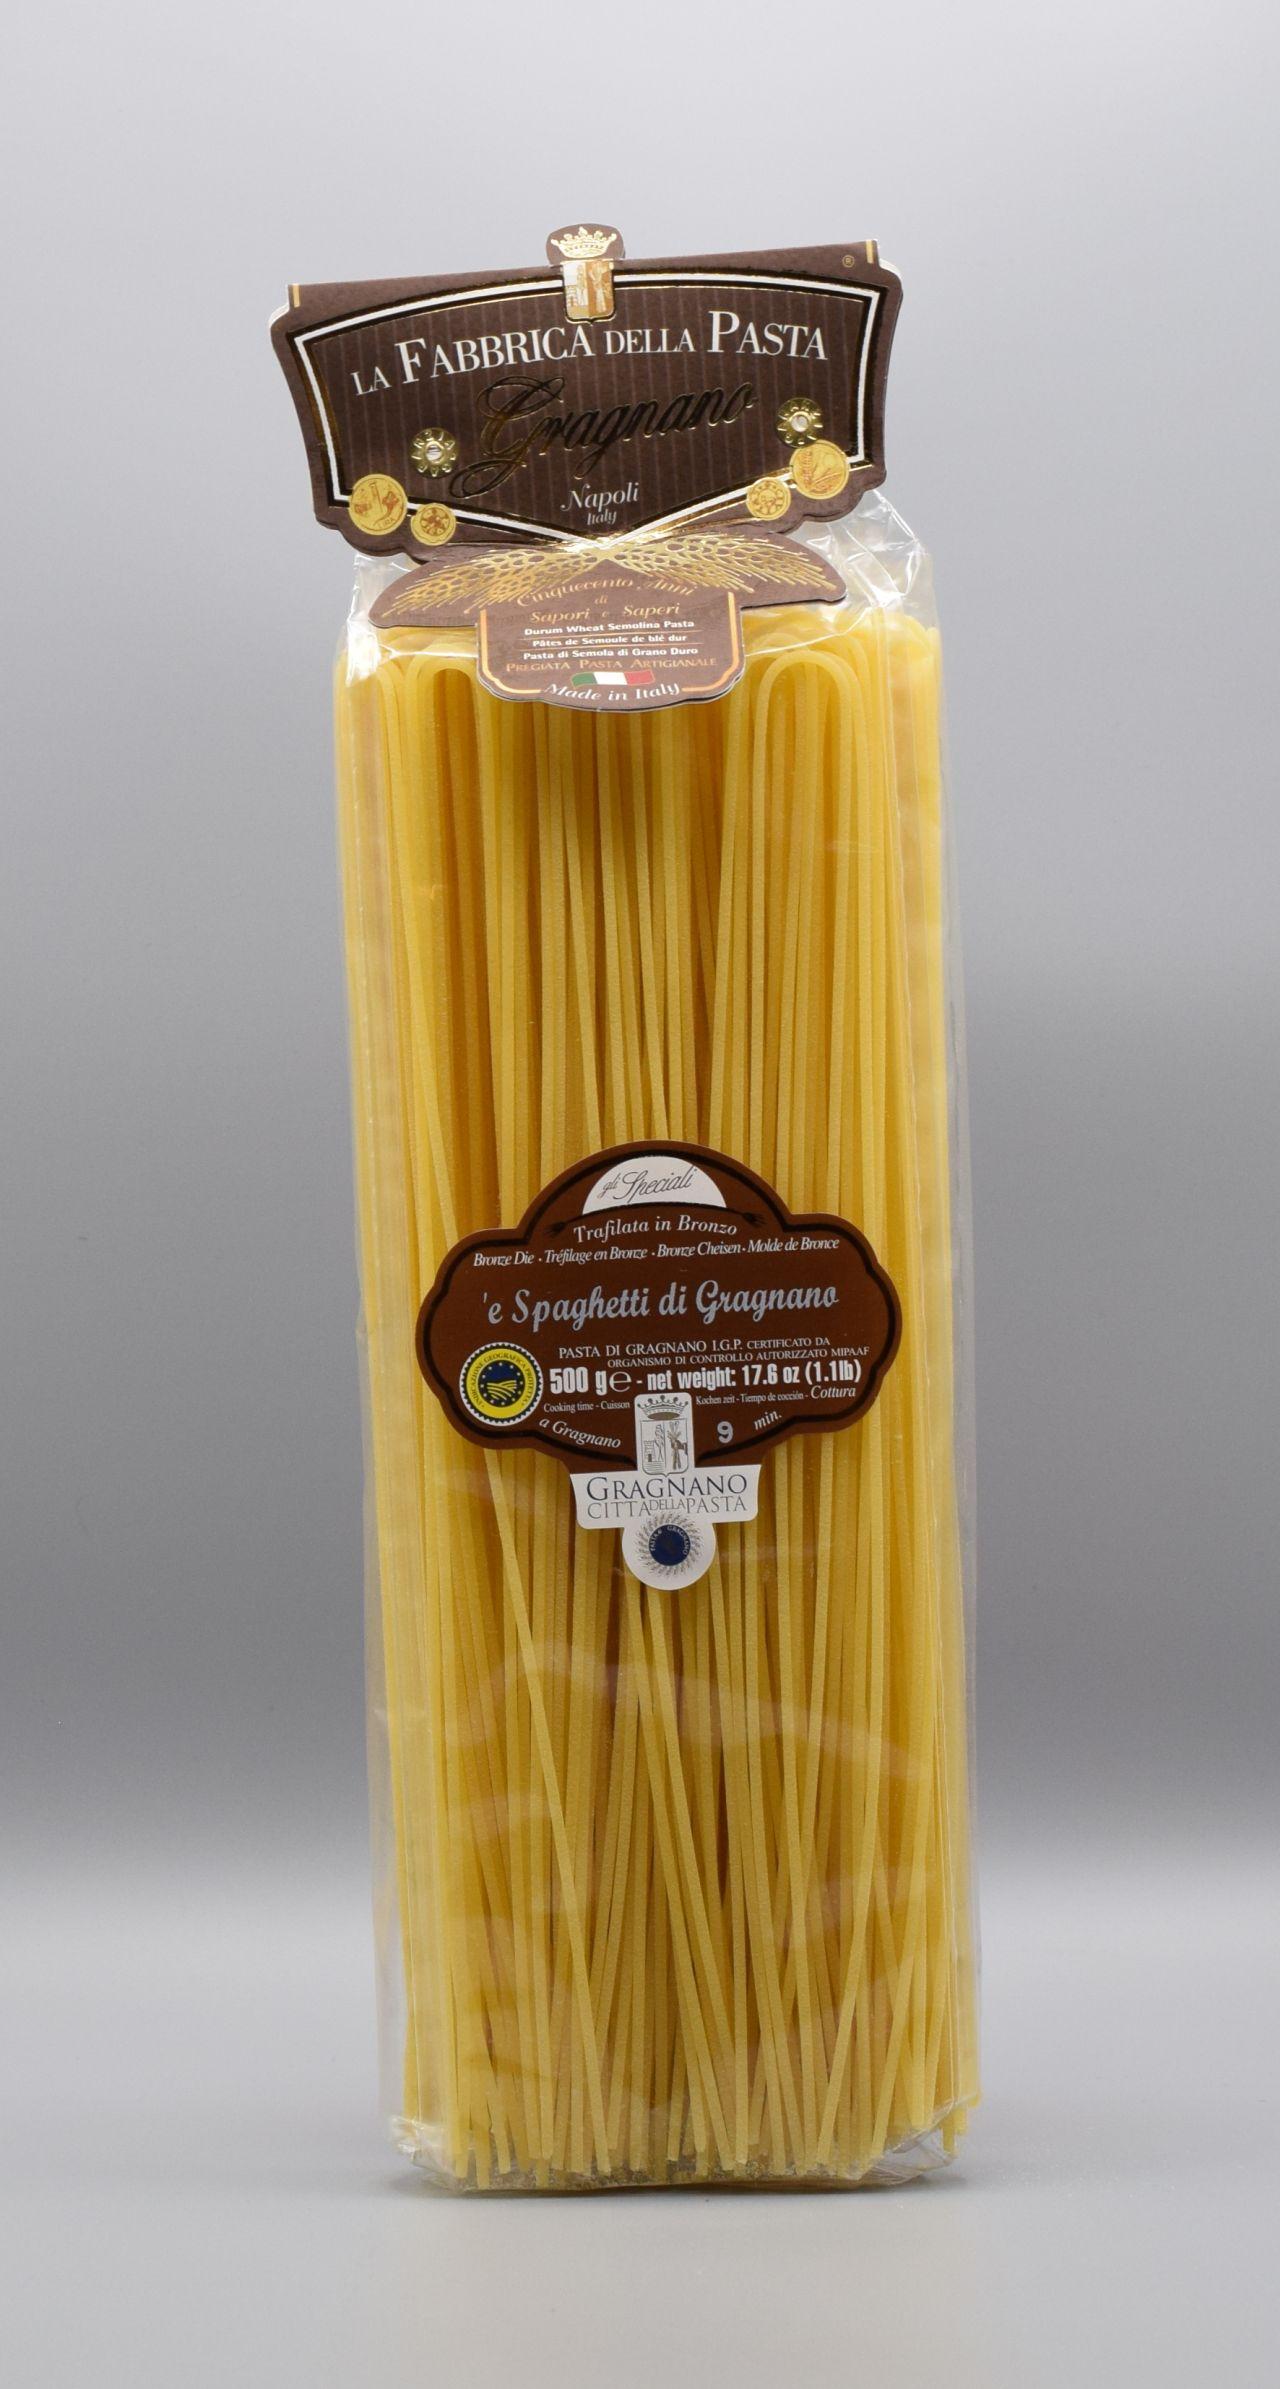 La Fabbrica della Pasta di Gragnano Spaghetti